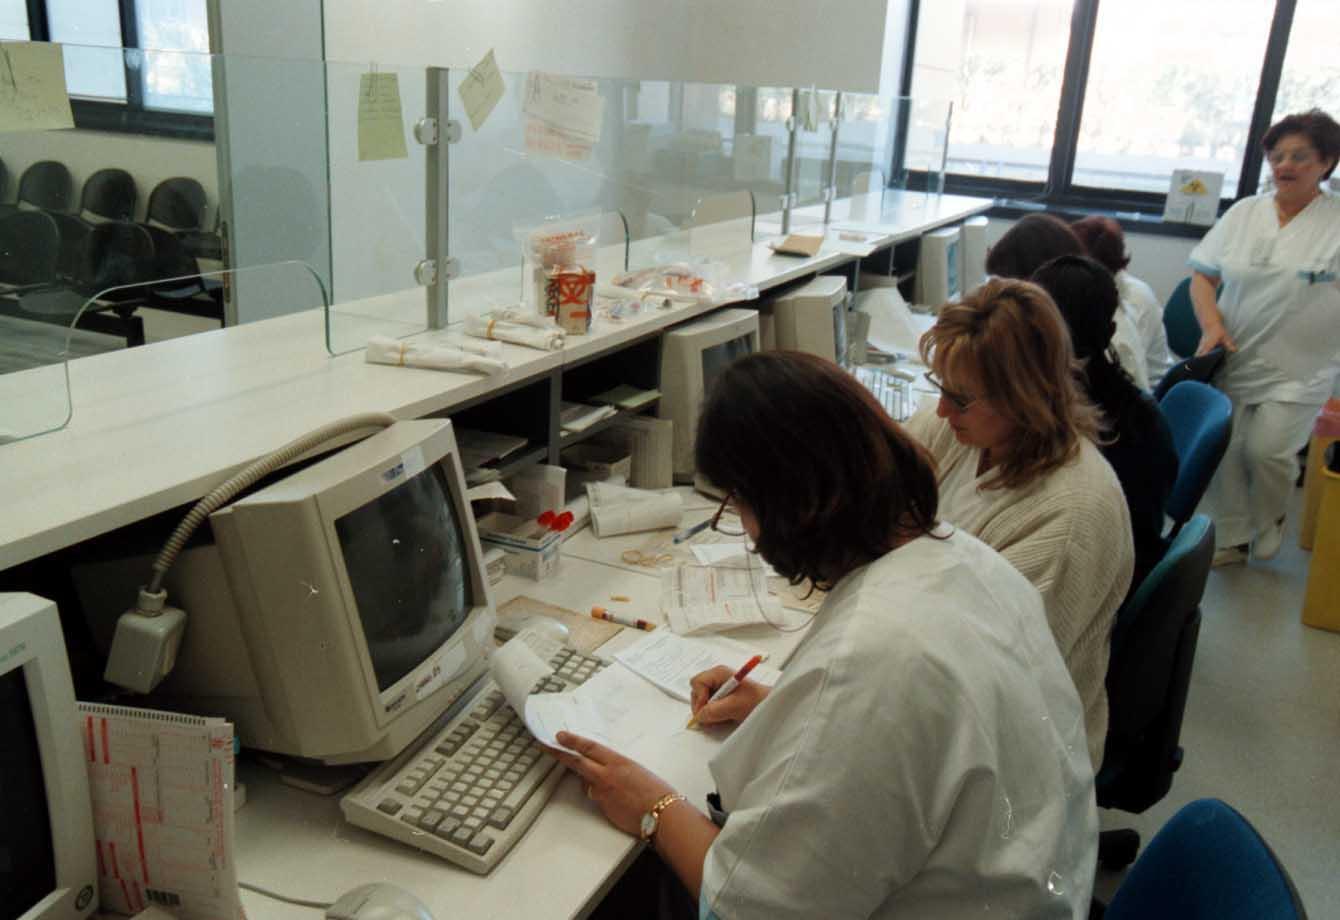 Centro prenotazioni unico: le telefonate più ridicole fatte dai pazienti trentini